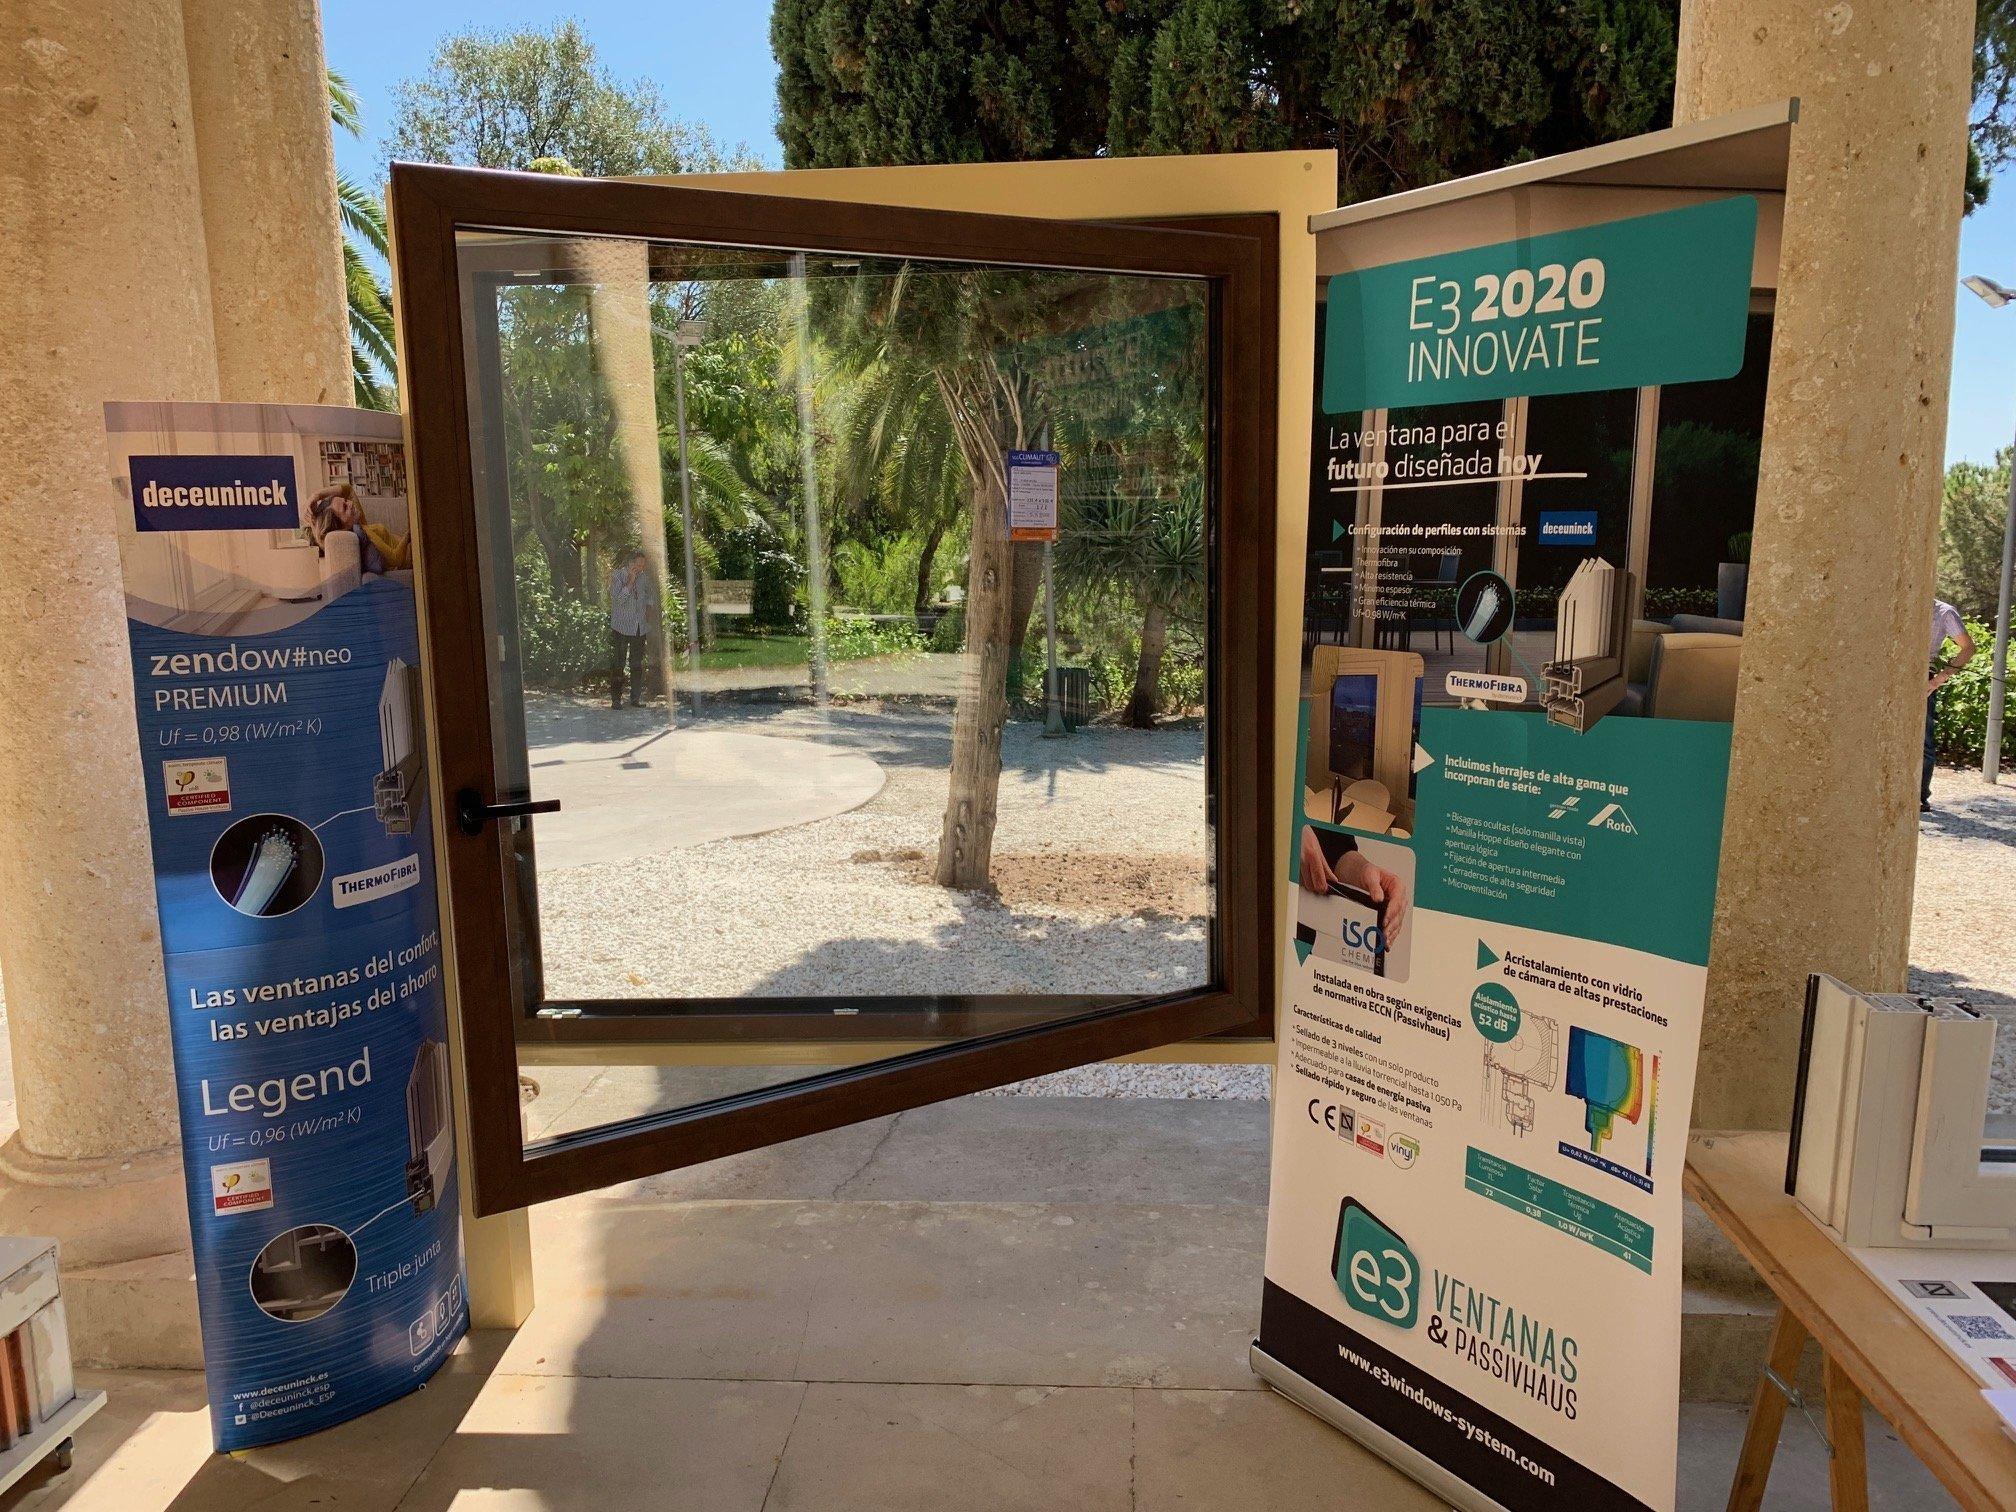 Passivhaus Málaga 2020 Innovate